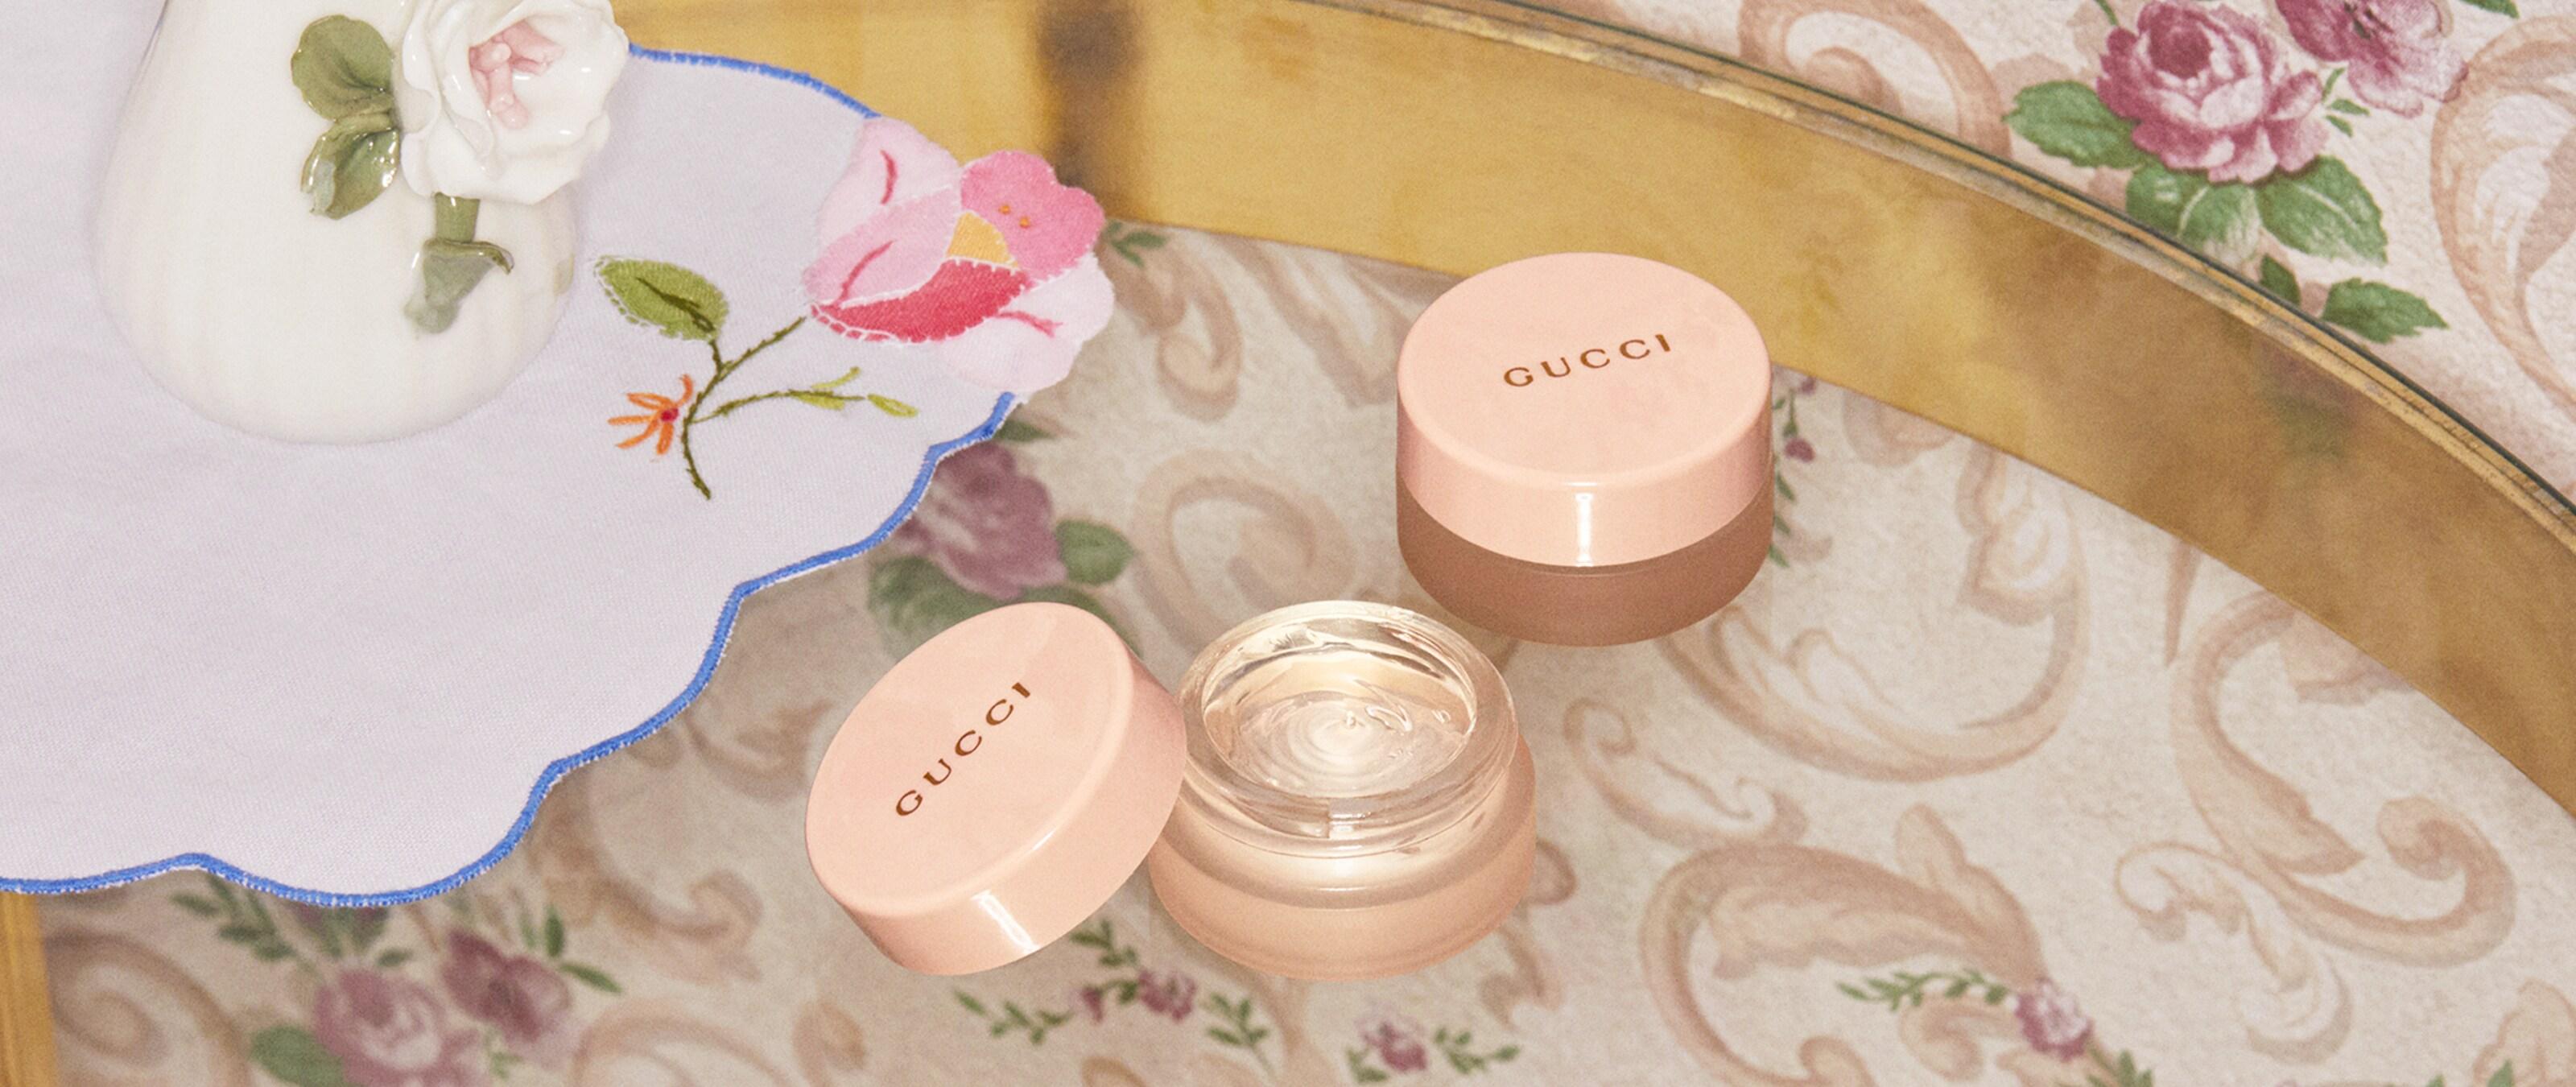 Gucci - Face Makeup